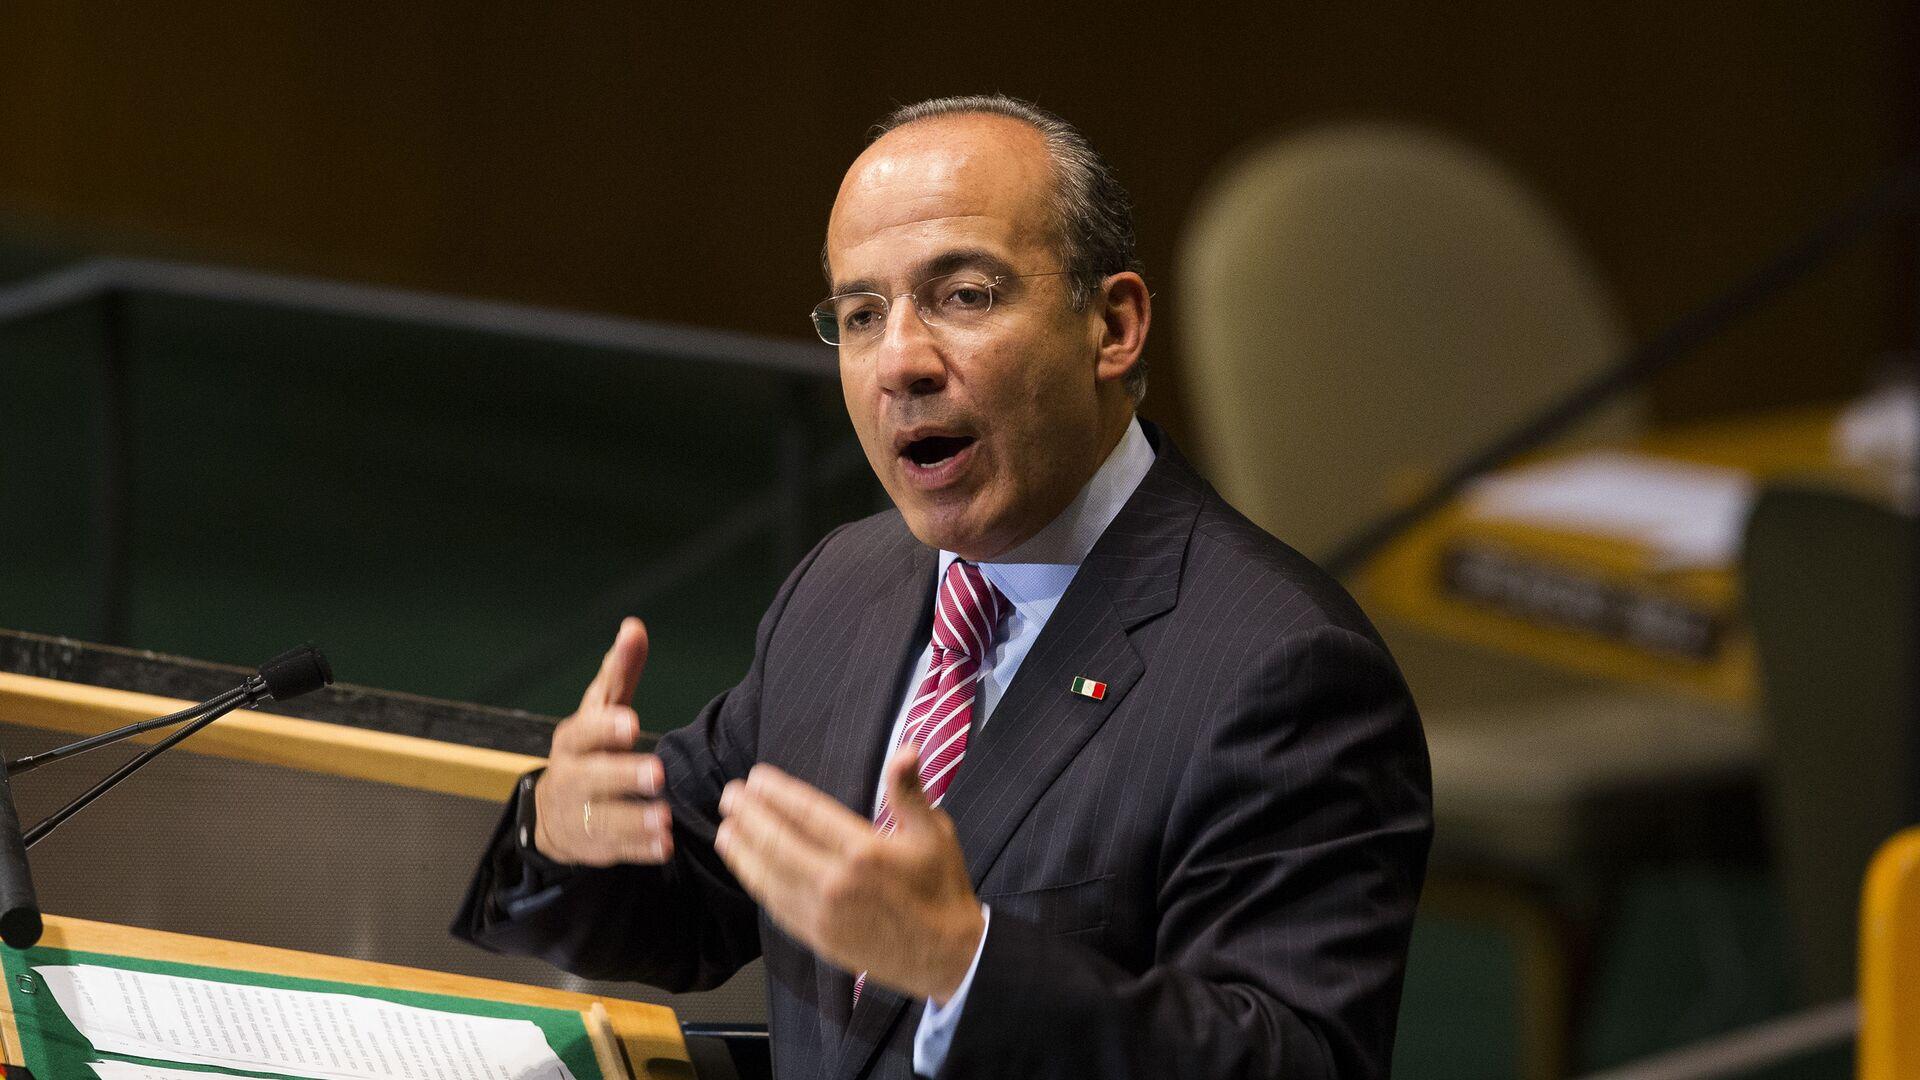 Expresidente de México Felipe Calderón - Sputnik Mundo, 1920, 01.10.2021